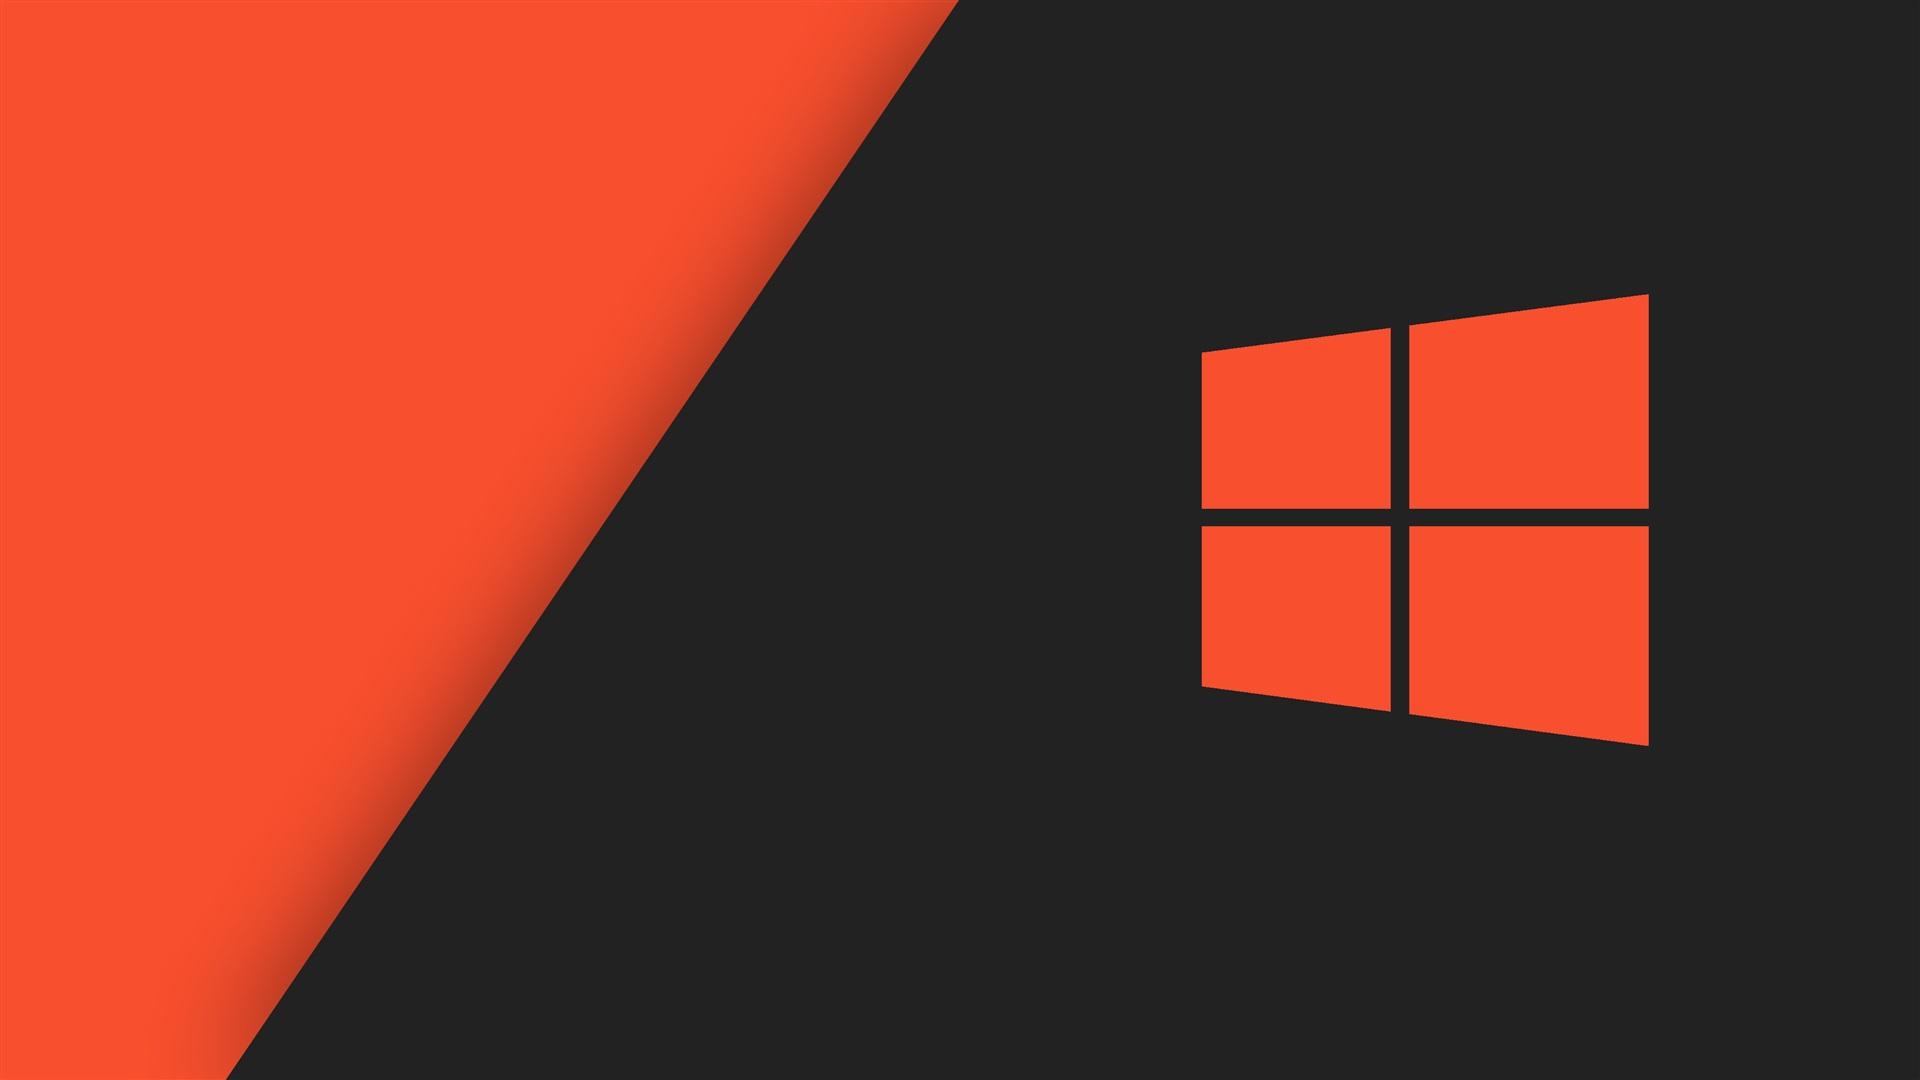 壁紙 Windowsの10システムのロゴ、オレンジスタイル 2560x1920 HD 無料のデスクトップの背景, 画像